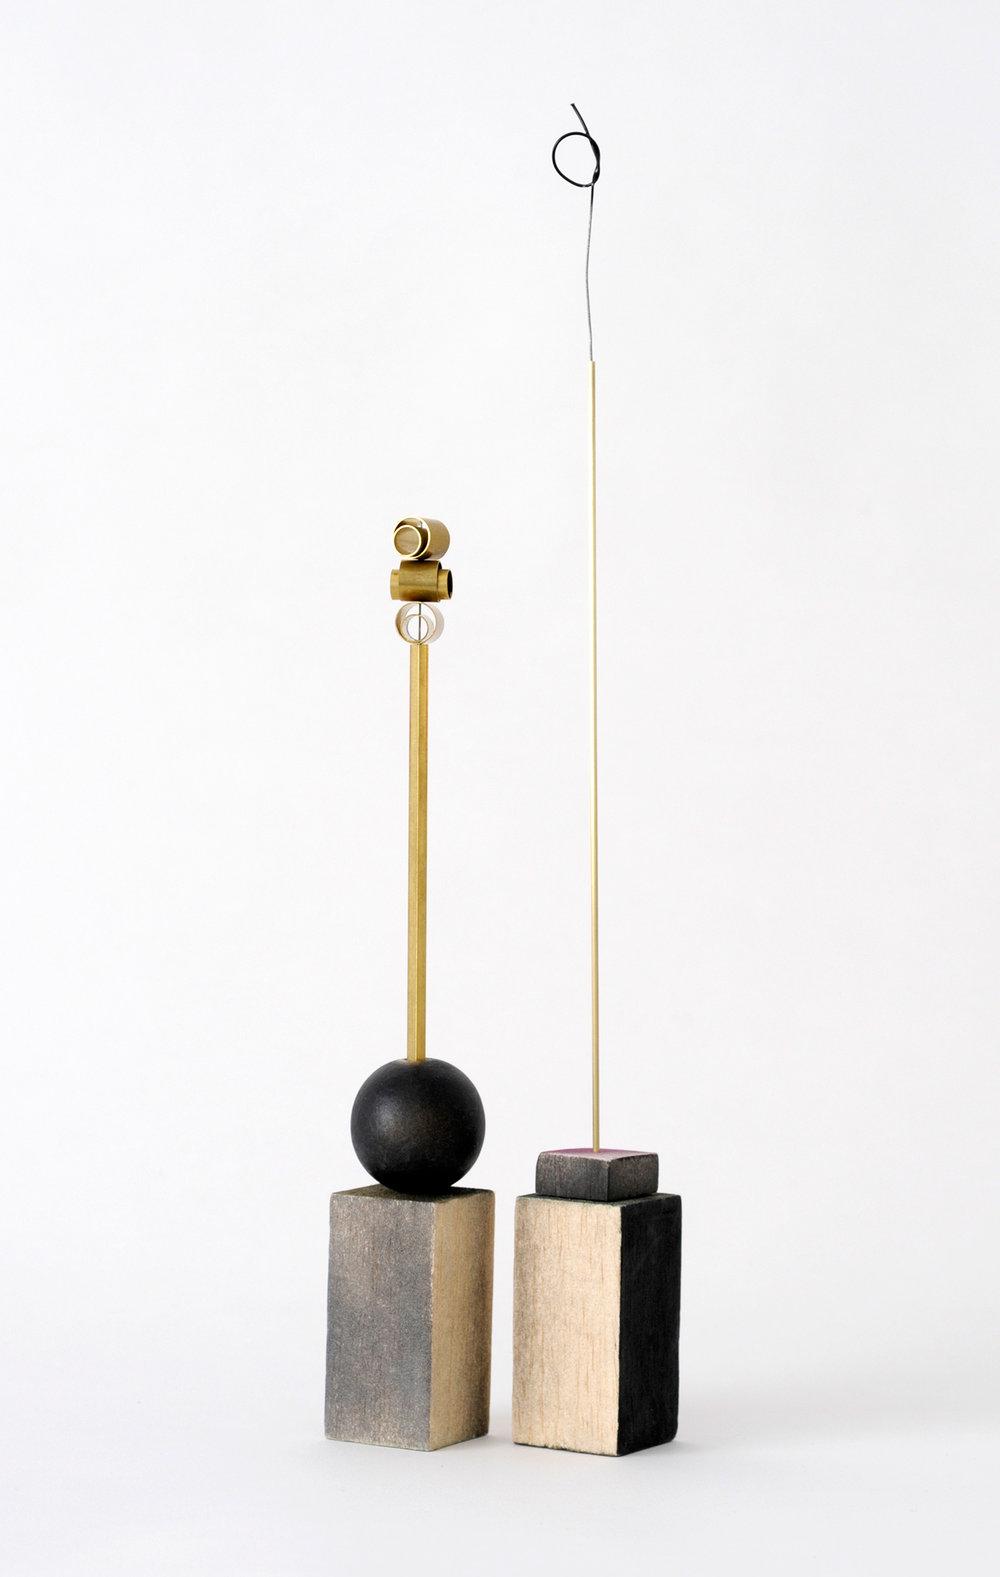 Object Assembly